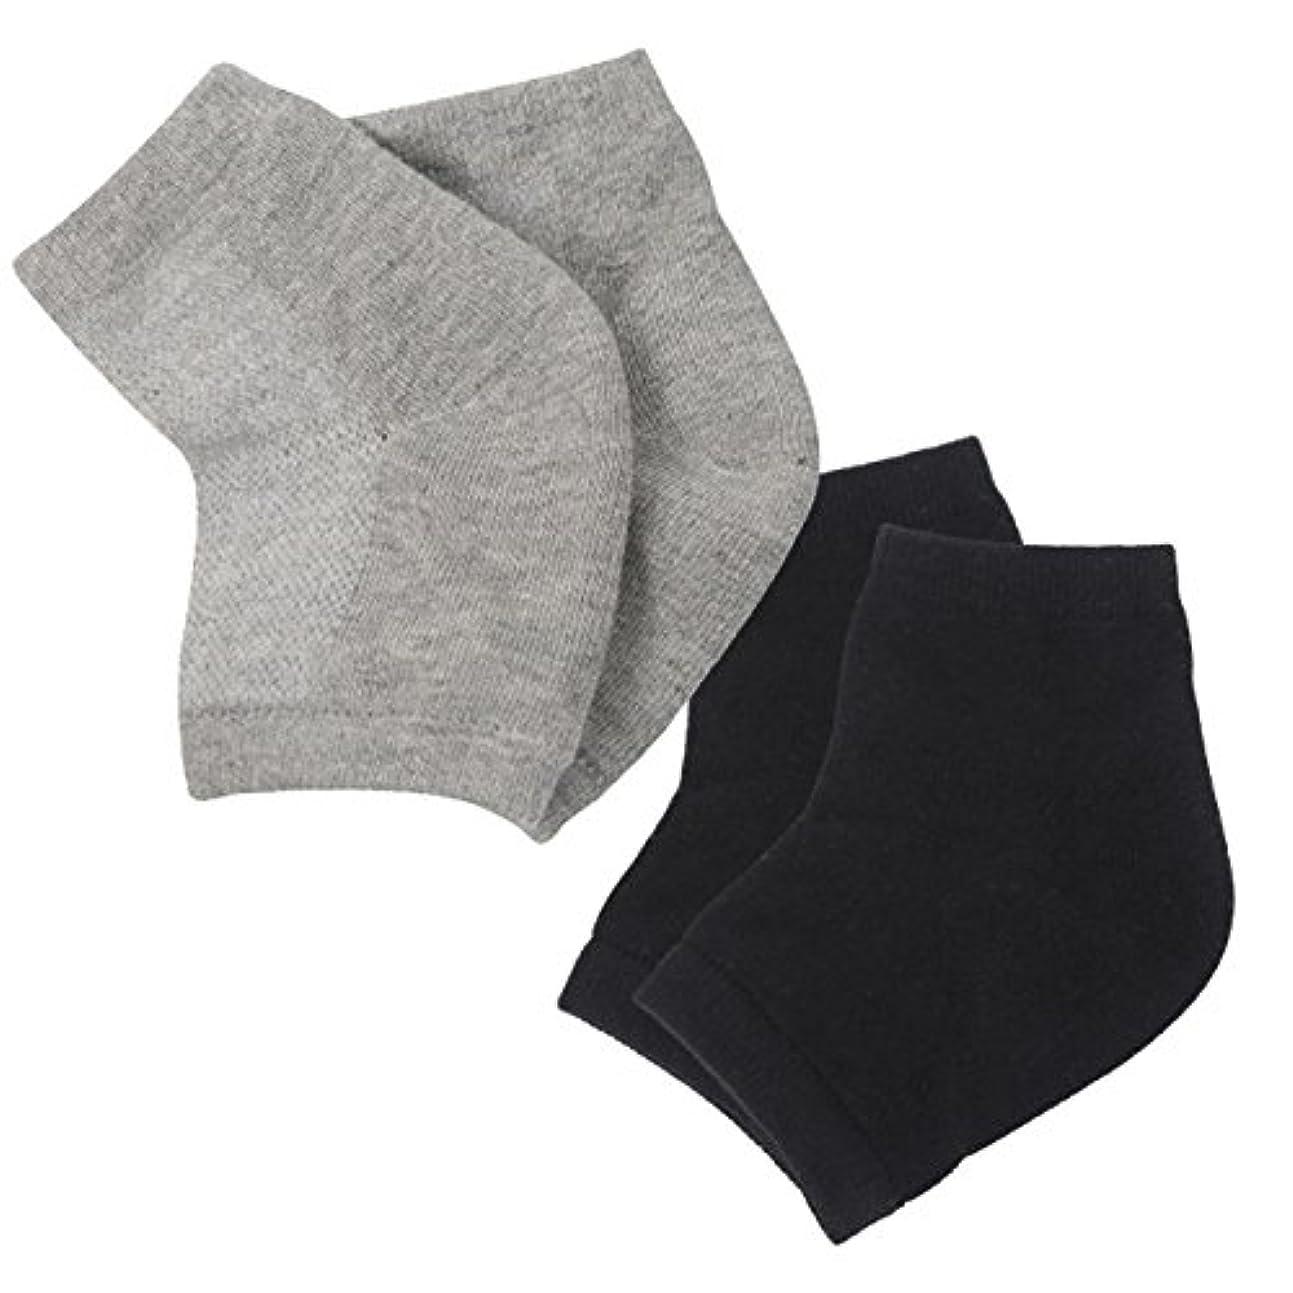 住人どうやら節約(アクアランド) AQUALAND かかと 保湿ソックス ツルツル 乾燥 カサカサ 履くだけ 簡単 洗える シリコン 指だし 削らない 塗らない 寝ている間に 男女兼用 サイズフリー 2足組セット (ブラック+グレー)